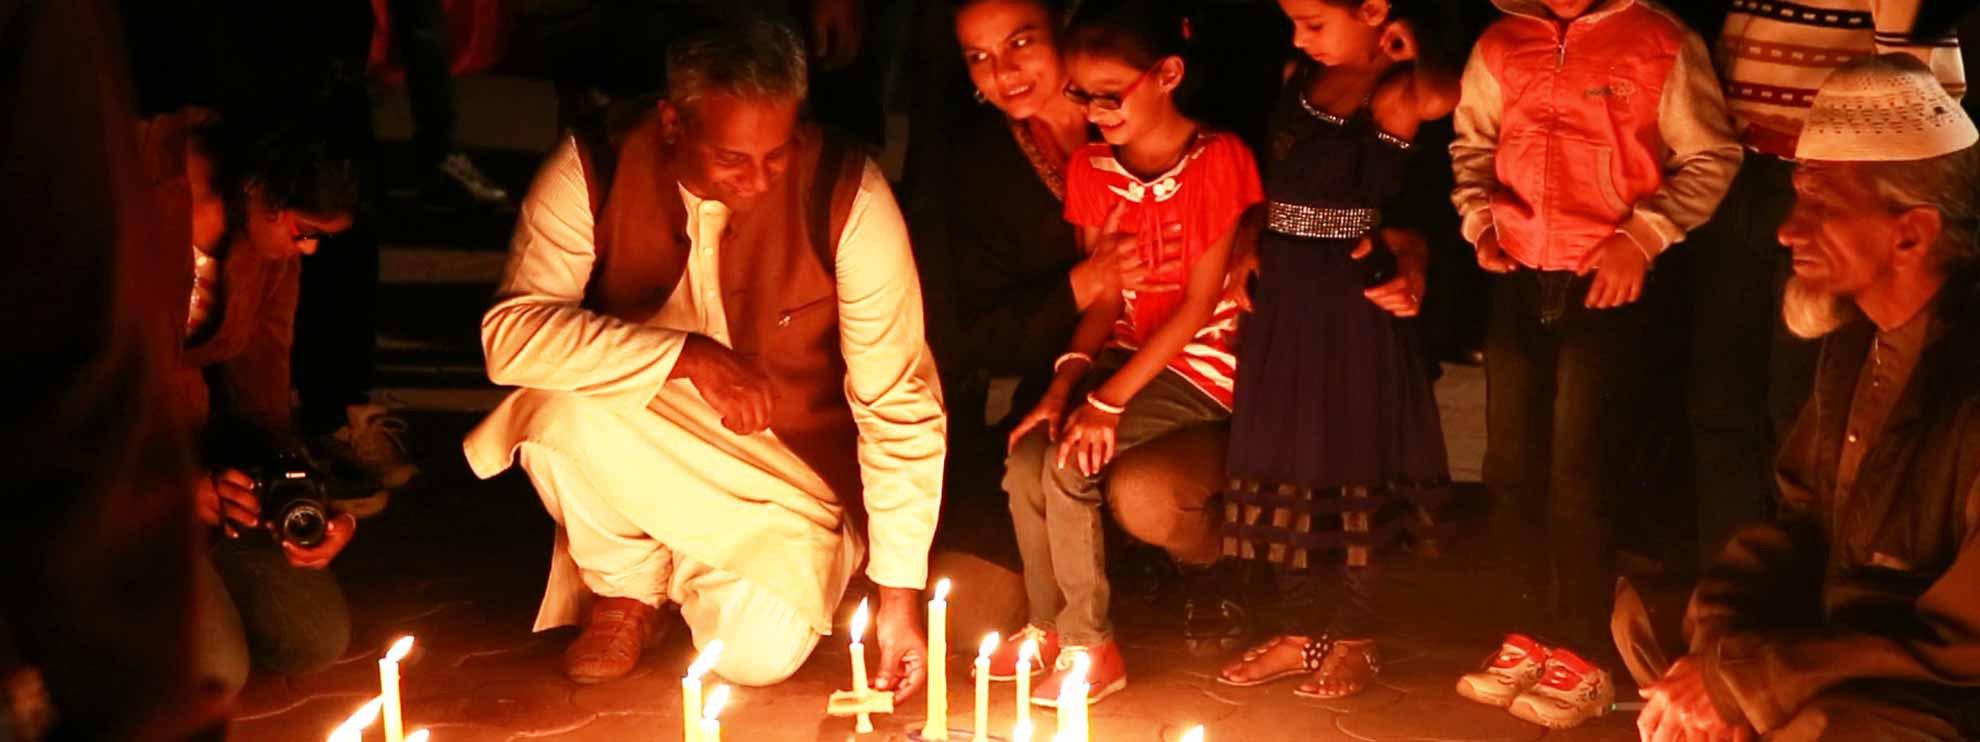 Salil Shetty, Amnesty International Secretary General at vigil Bhopal: Candlelit Vigil  2014.  © Amnesty International / Abdul Moeed Faruqui